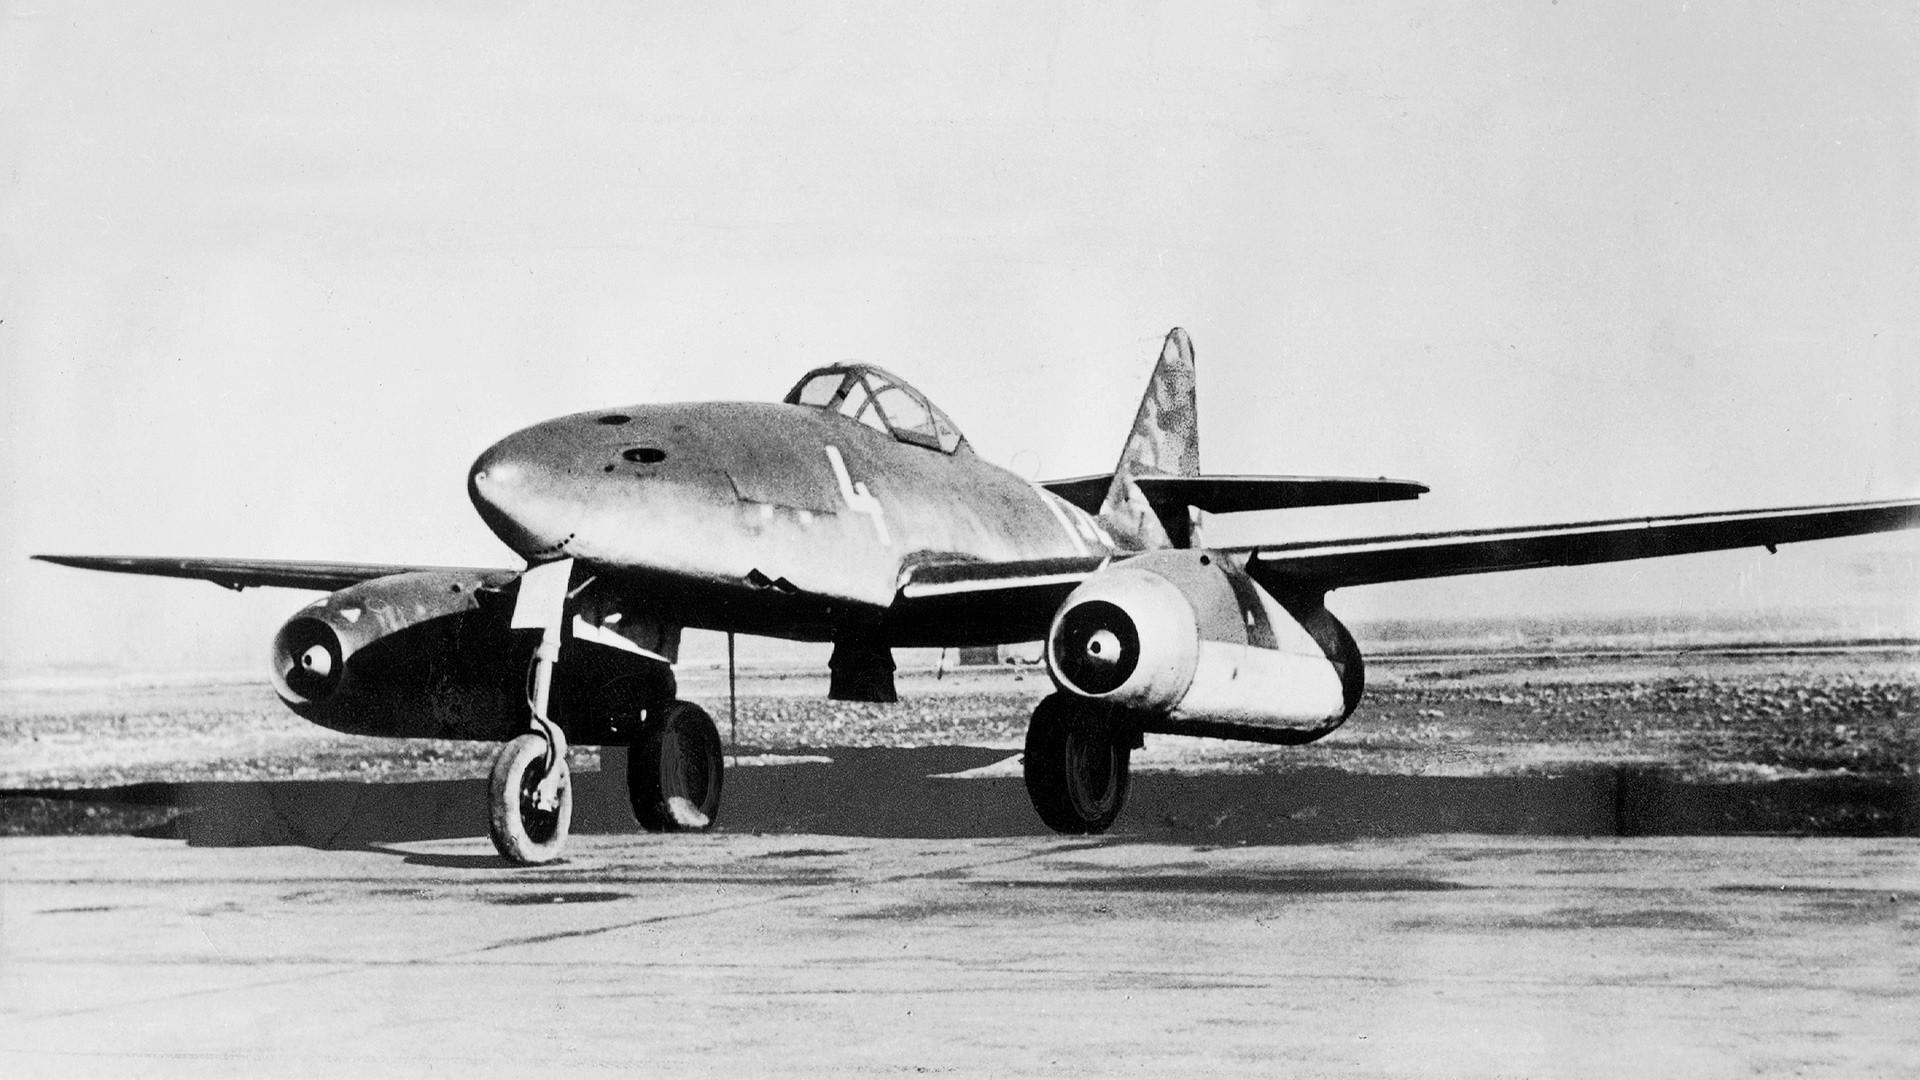 Messerschmitt Me-262.